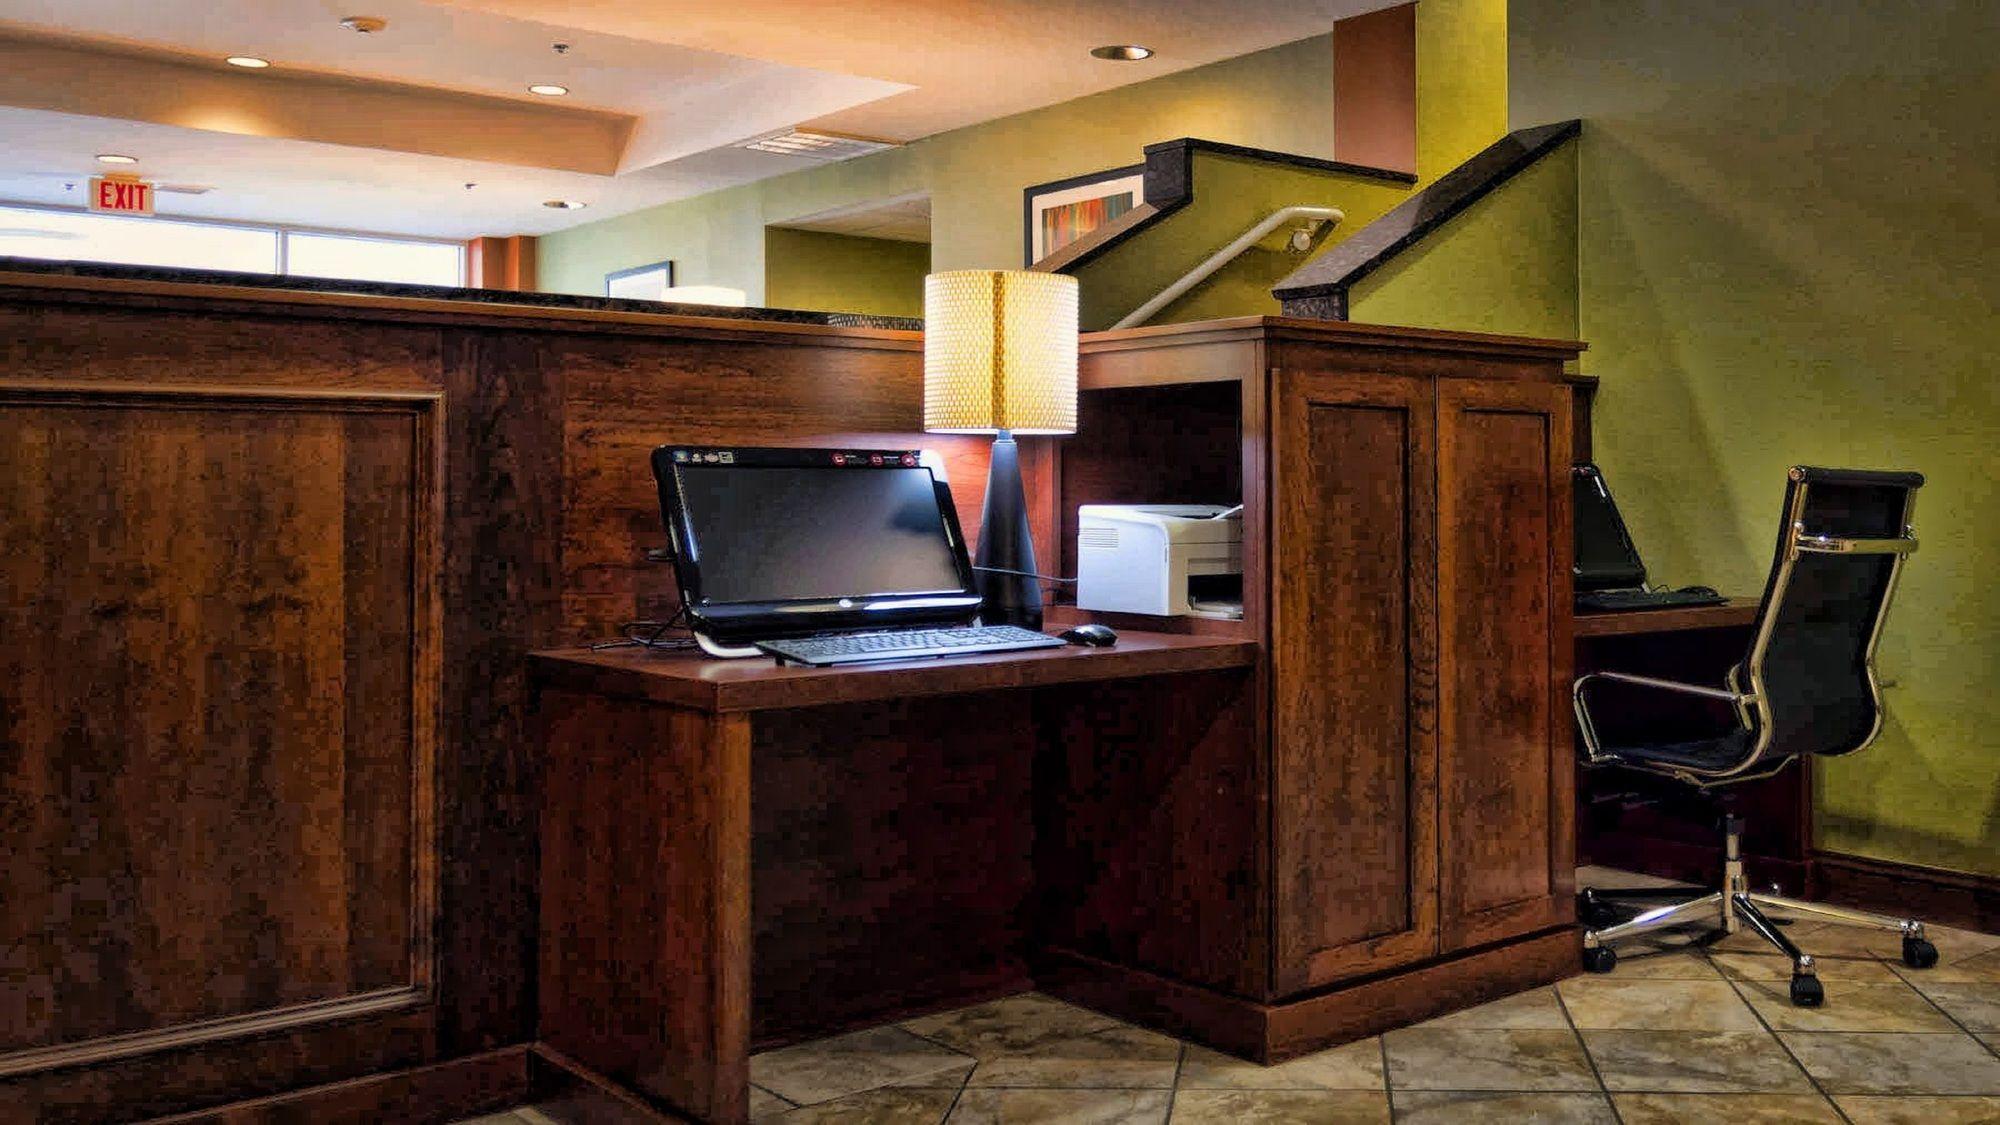 Holiday Inn Express La Plata in La Plata, MD